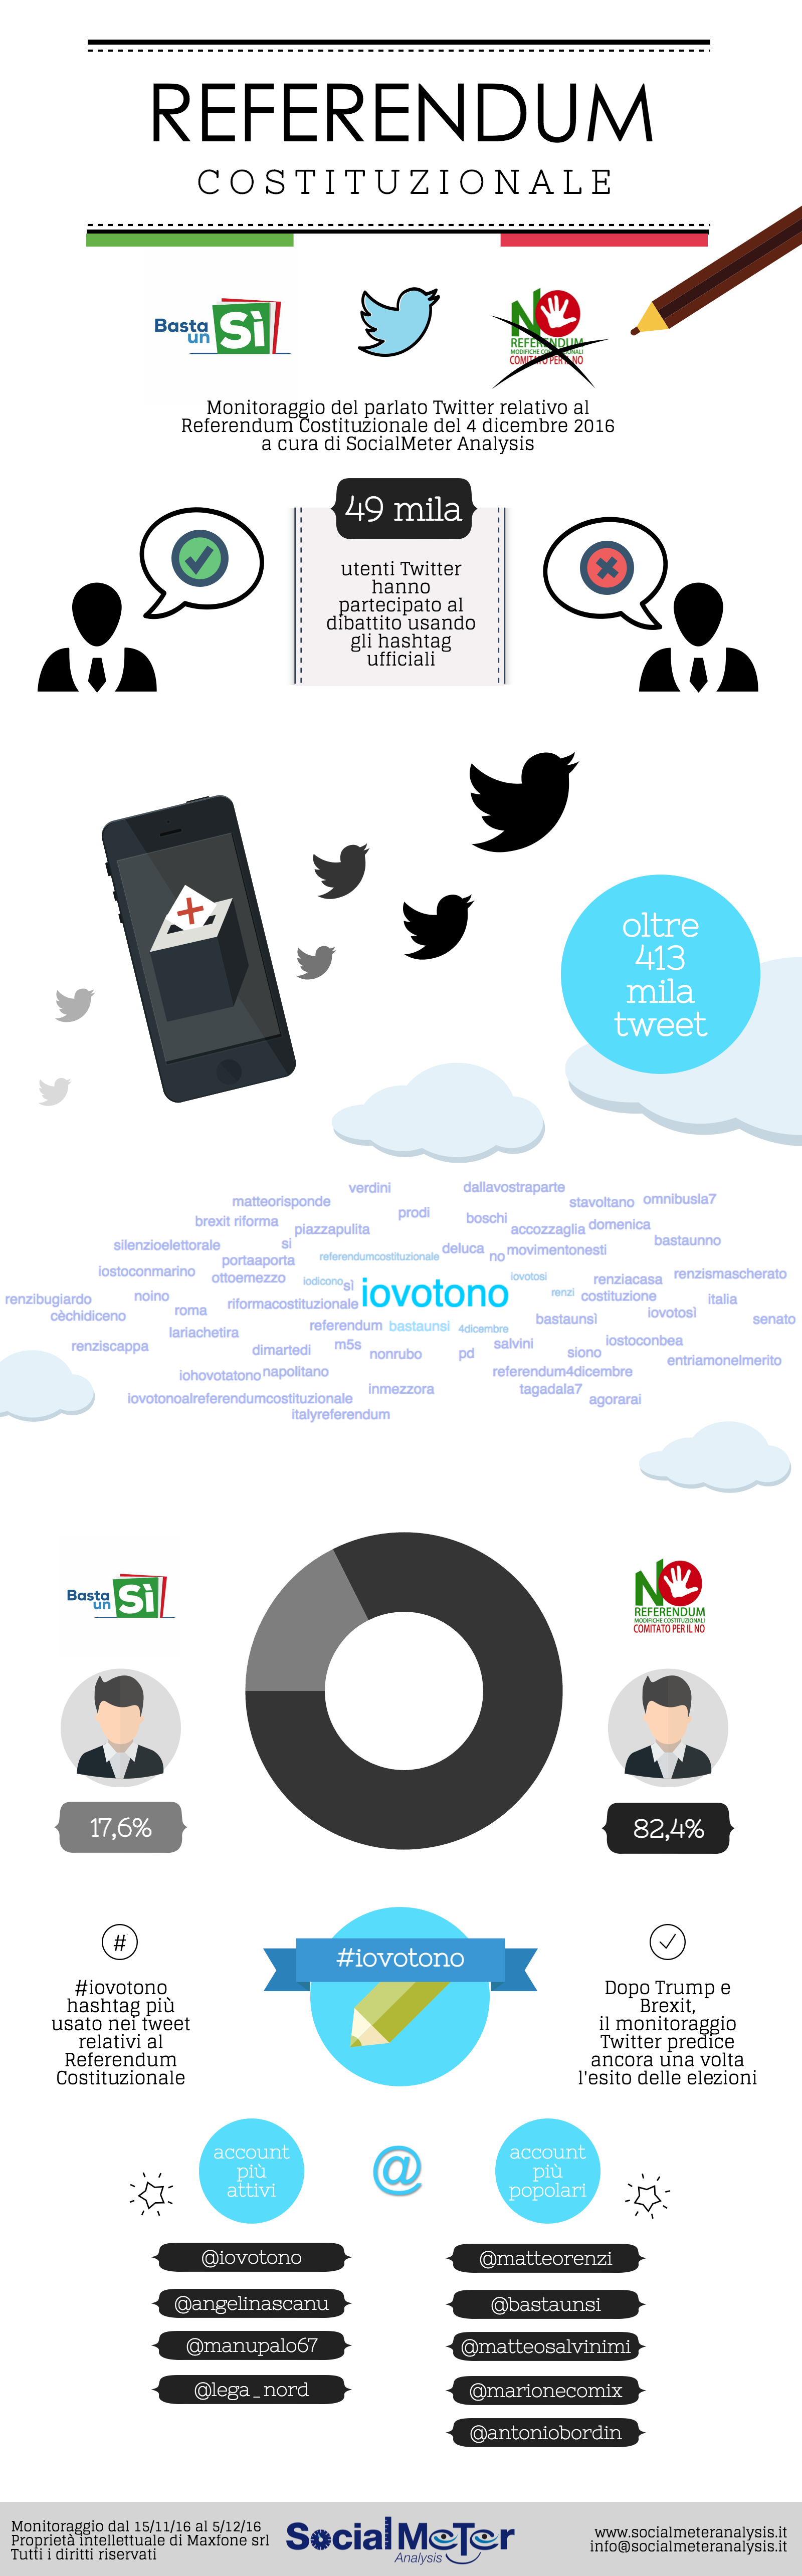 Referendum Costituzionale: Twitter prevede nuovamente l'esito delle elezioni